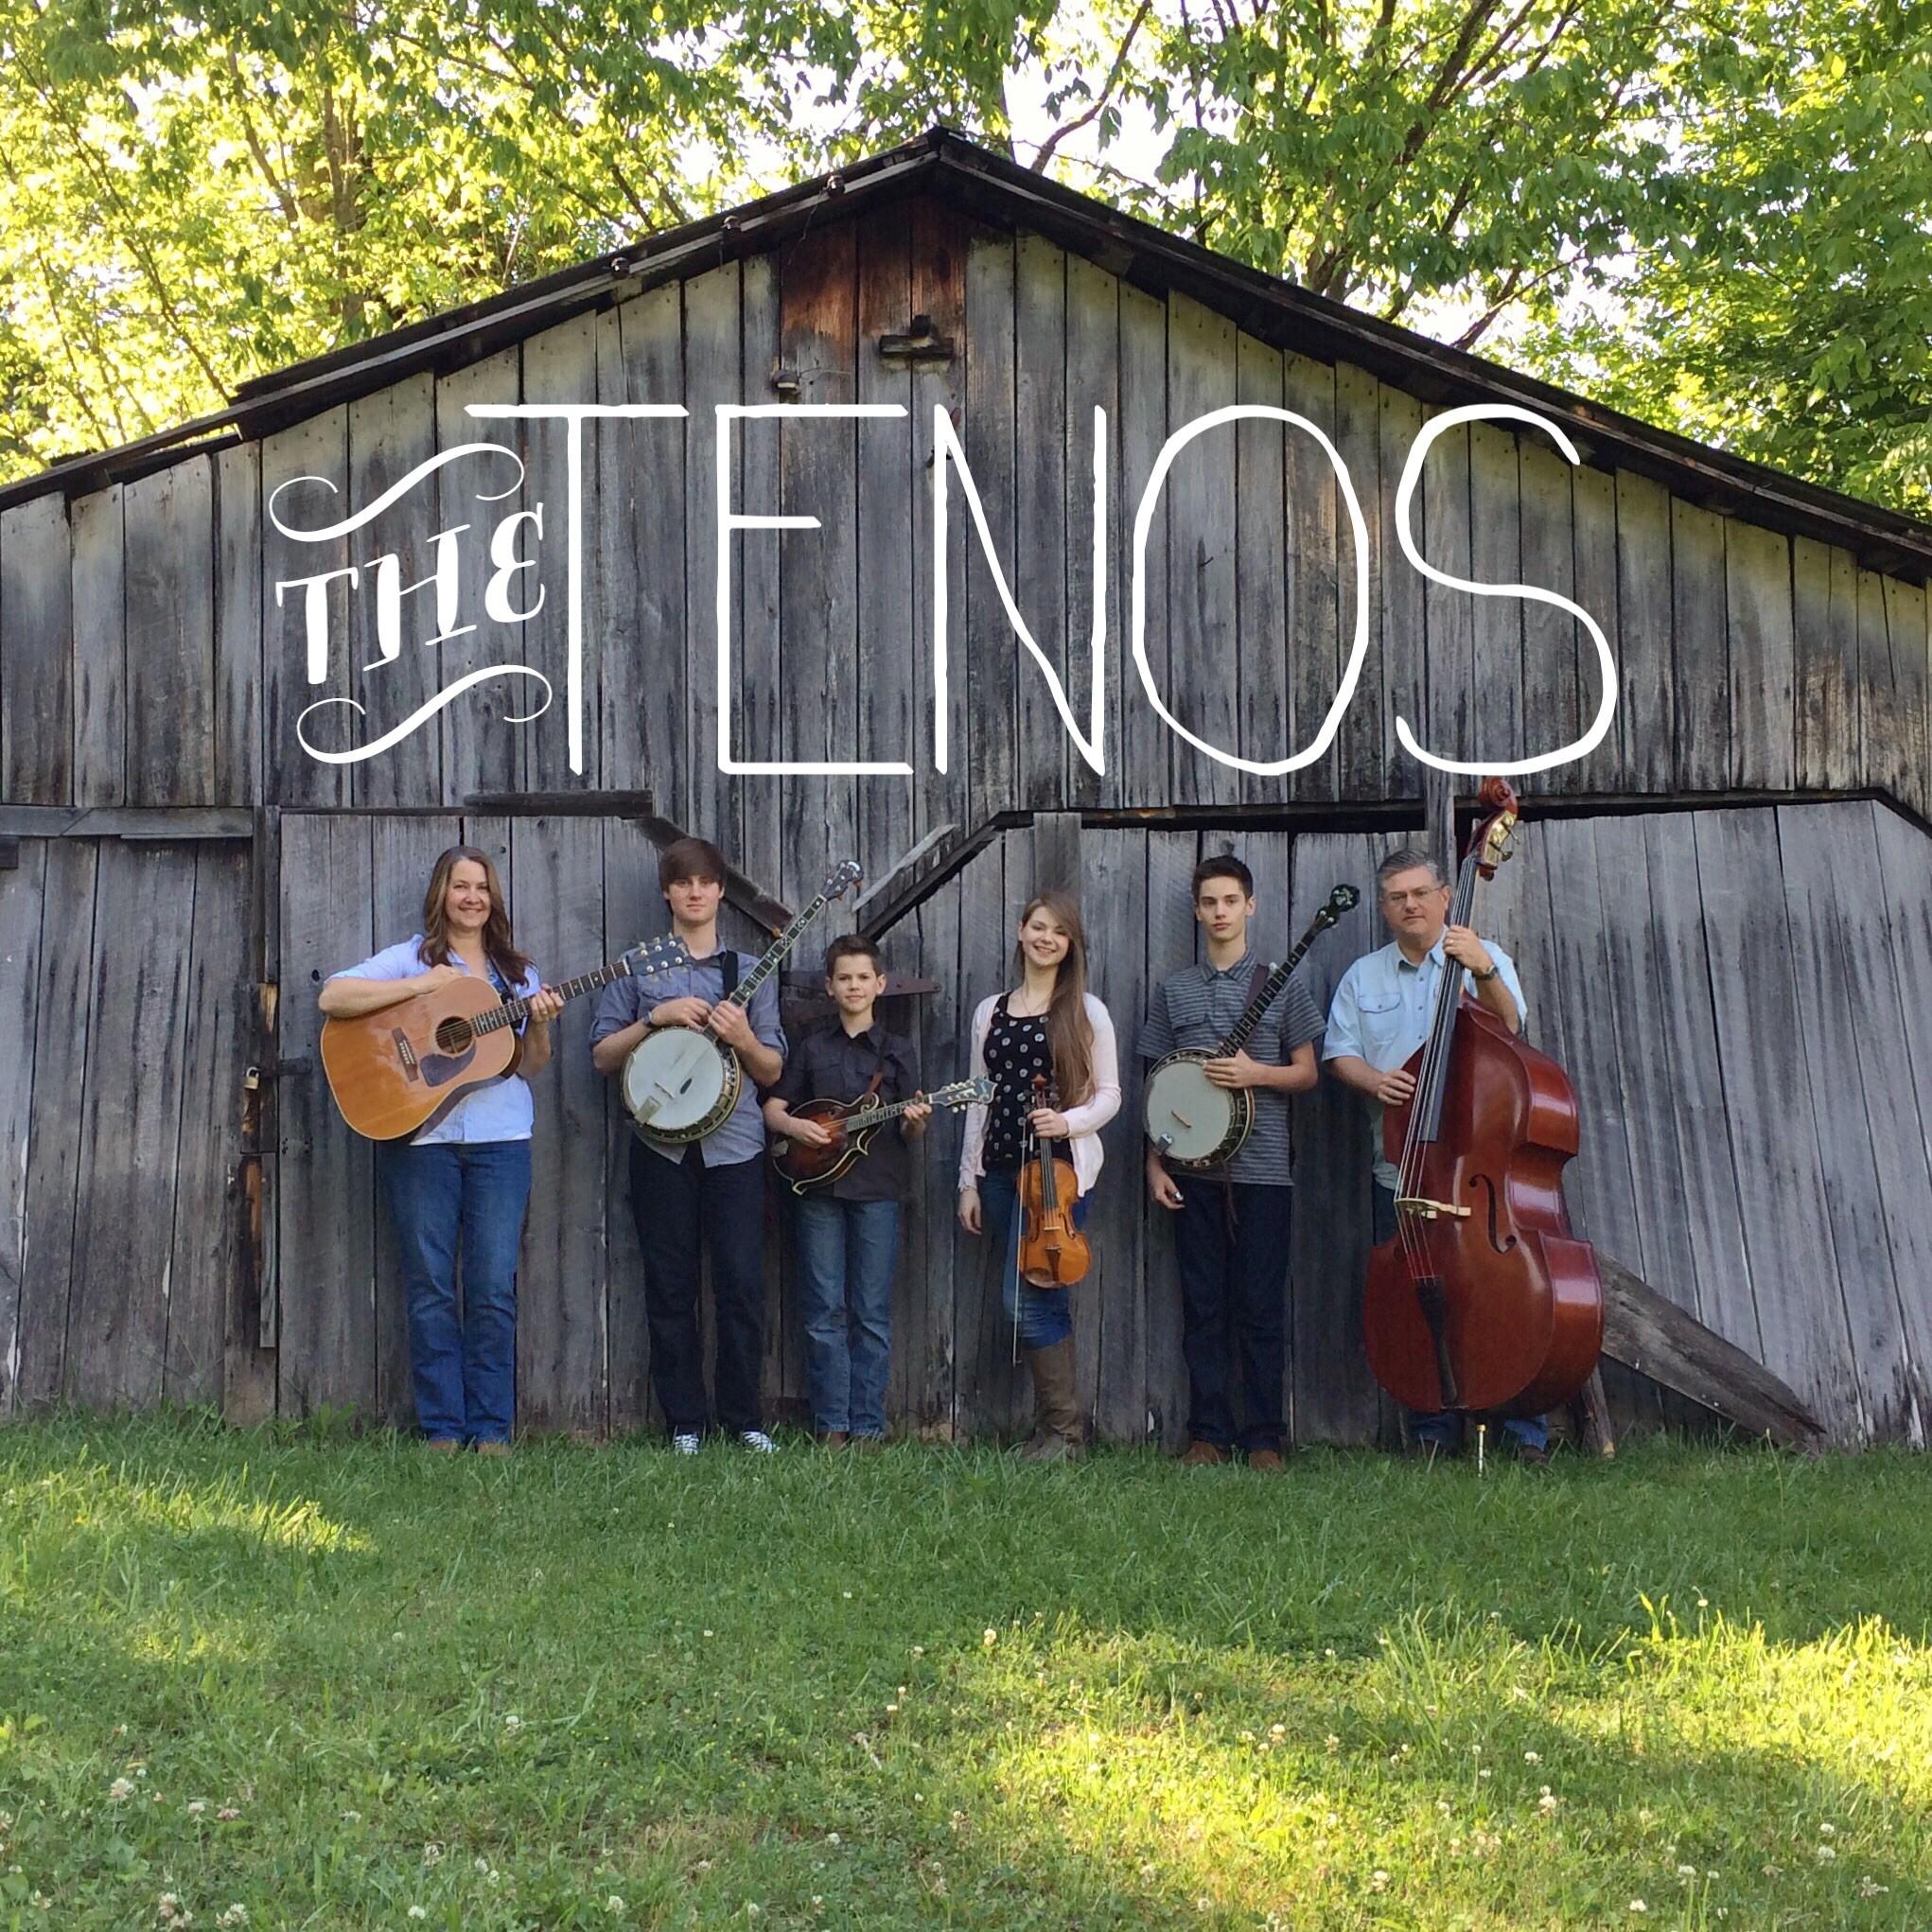 TheTenos - Friday 7:00 to 9:00 pm